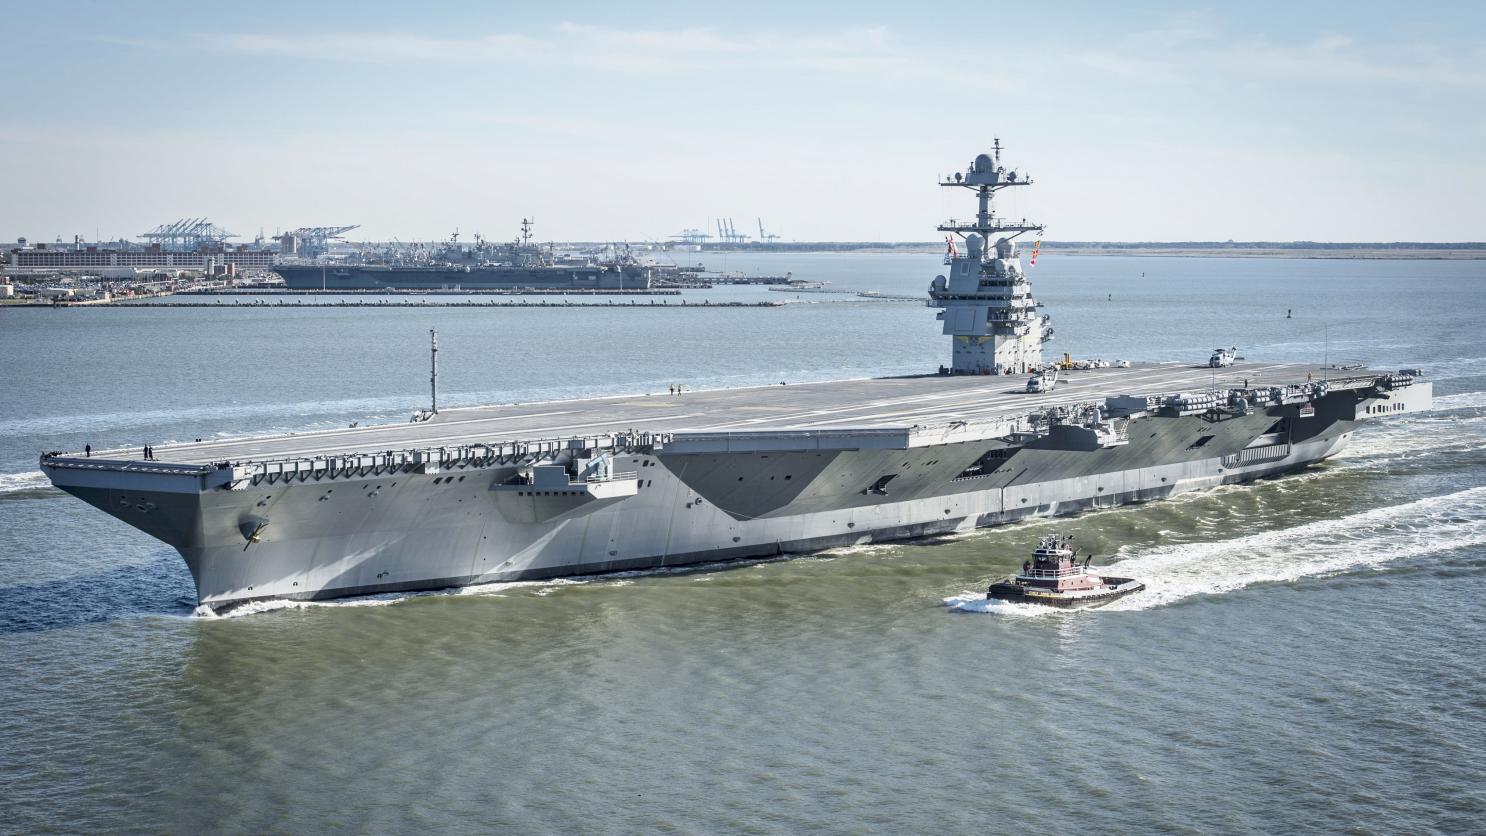 A Marinha dos EUA concedeu um contrato de US $ 15 bilhões à Huntington Ingalls Industries - Newport News Shipbuilding (HII - NNS) para a construção de mais dois porta-aviões, o CVN 80 e o CVN 81